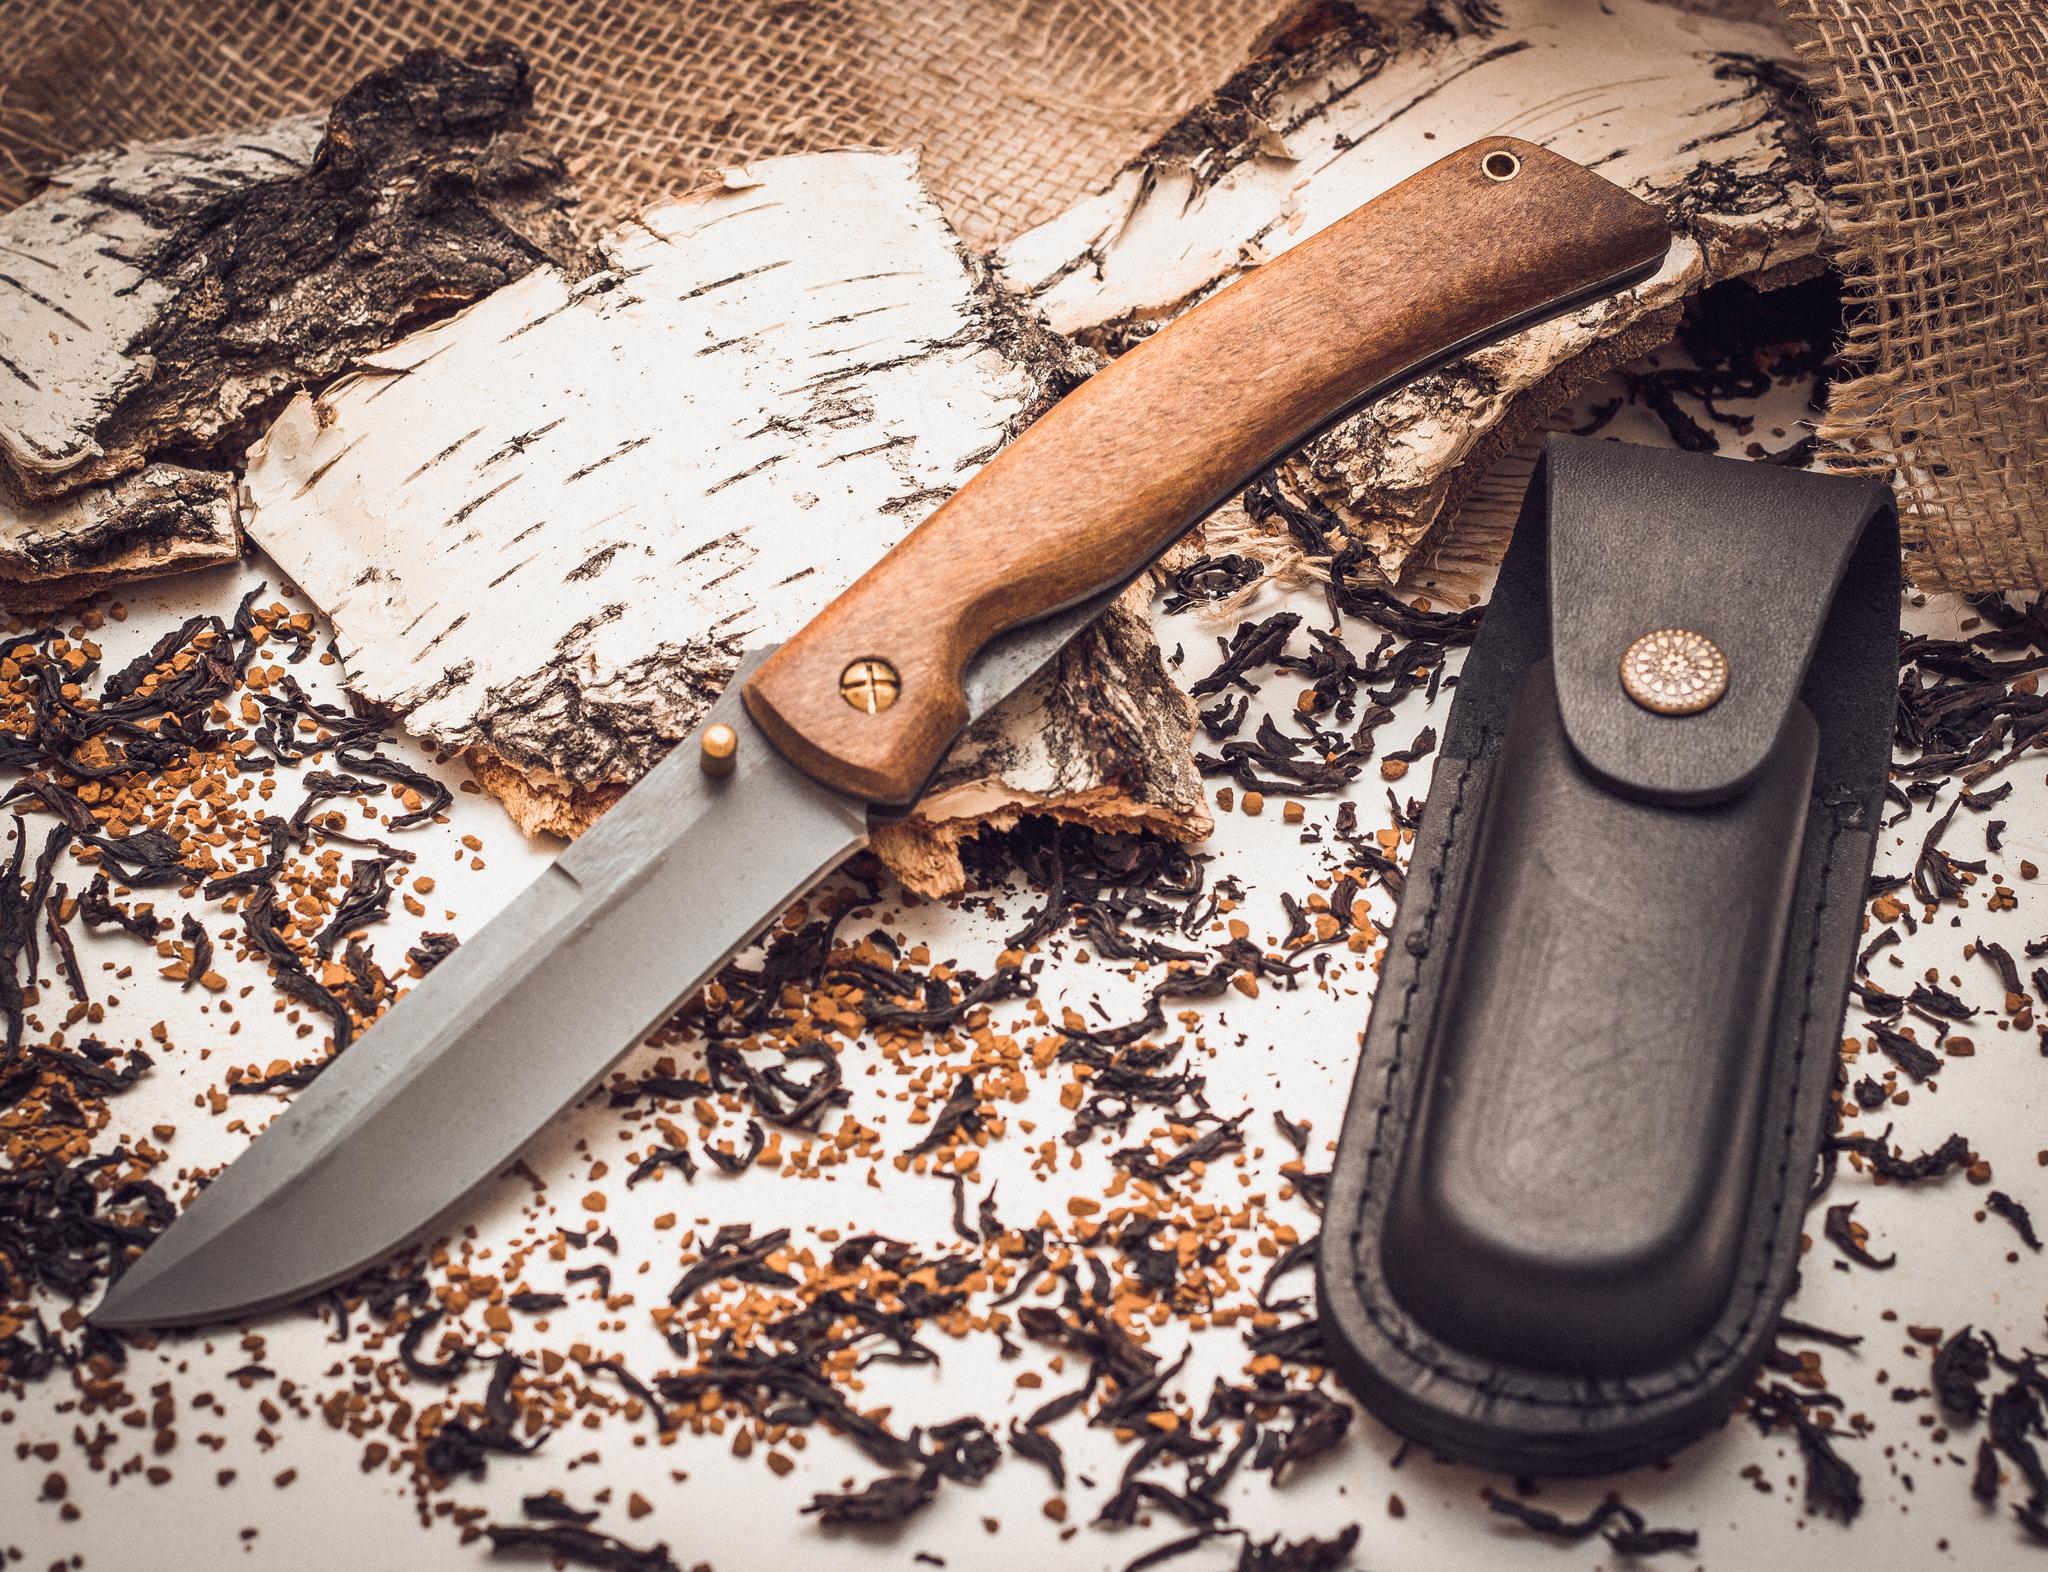 Фото 3 - Складной нож Кочевник из стали 95х18, орех от Марычев